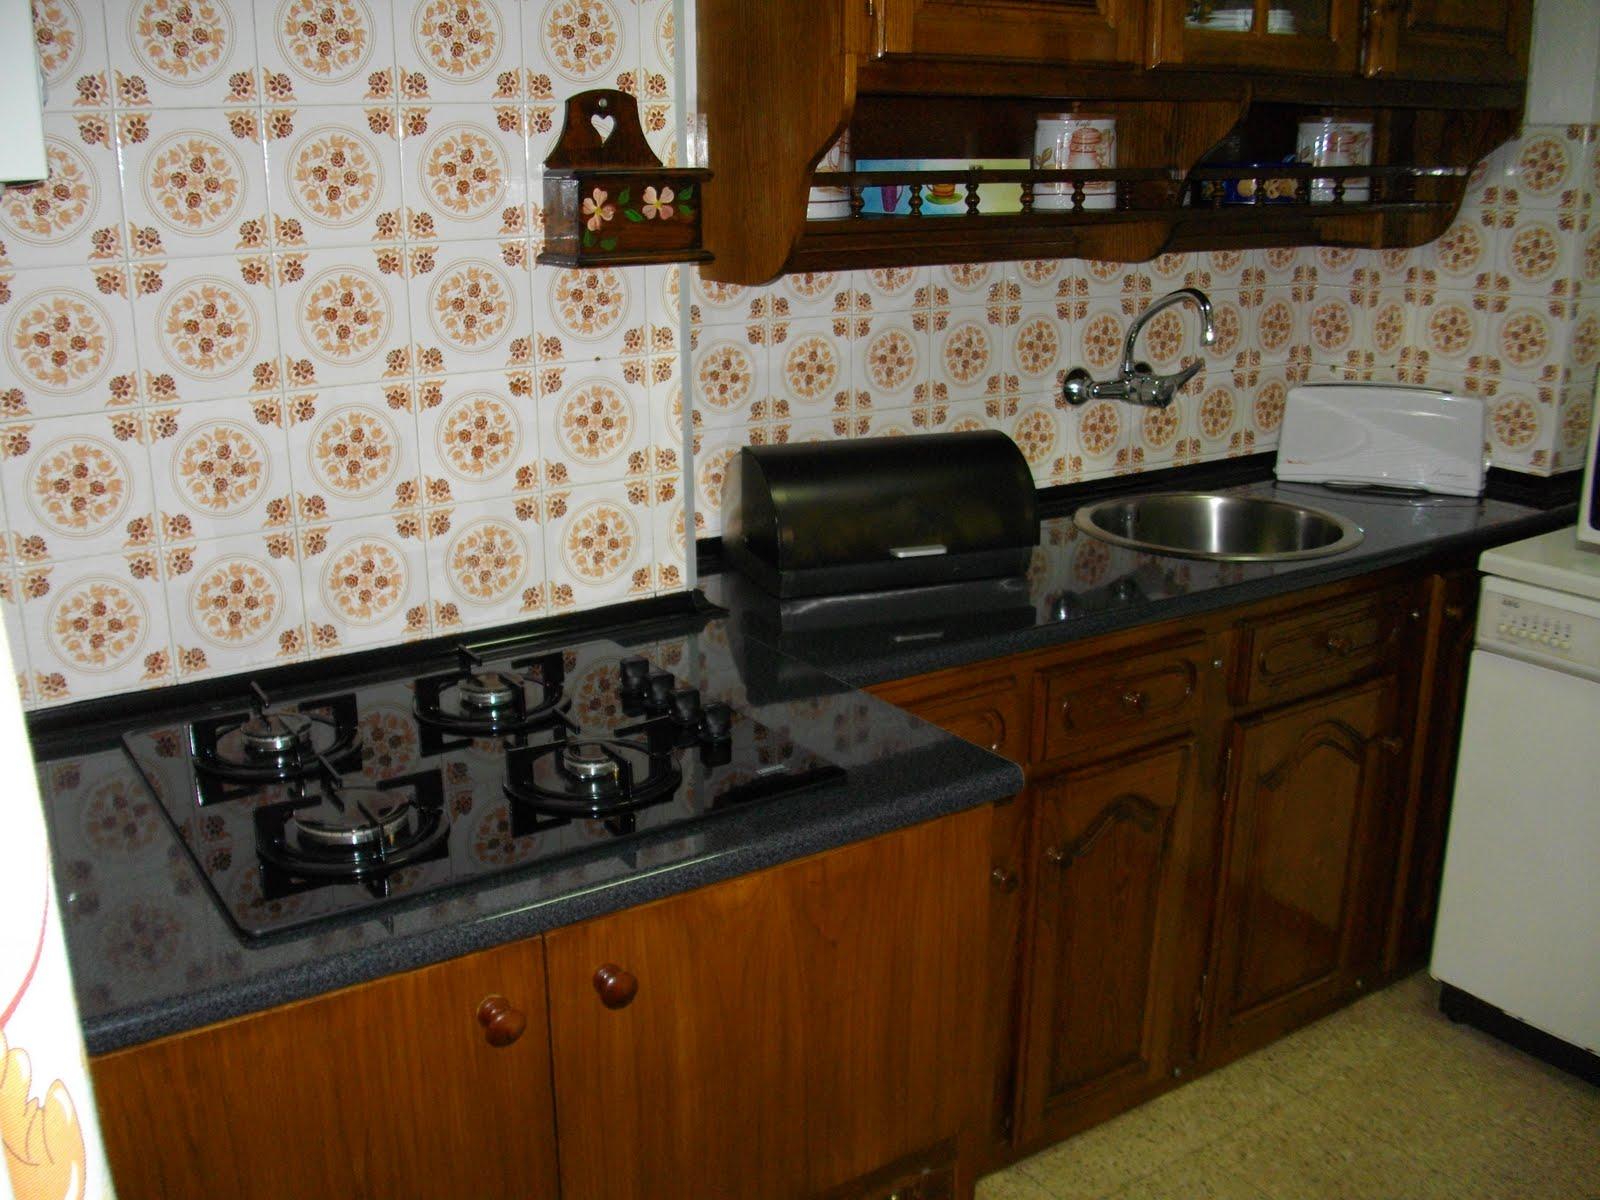 #613309 Requintes de Malvadez: Fotos da Cozinha 1600x1200 px Projetar Uma Cozinha Remodelar_983 Imagens